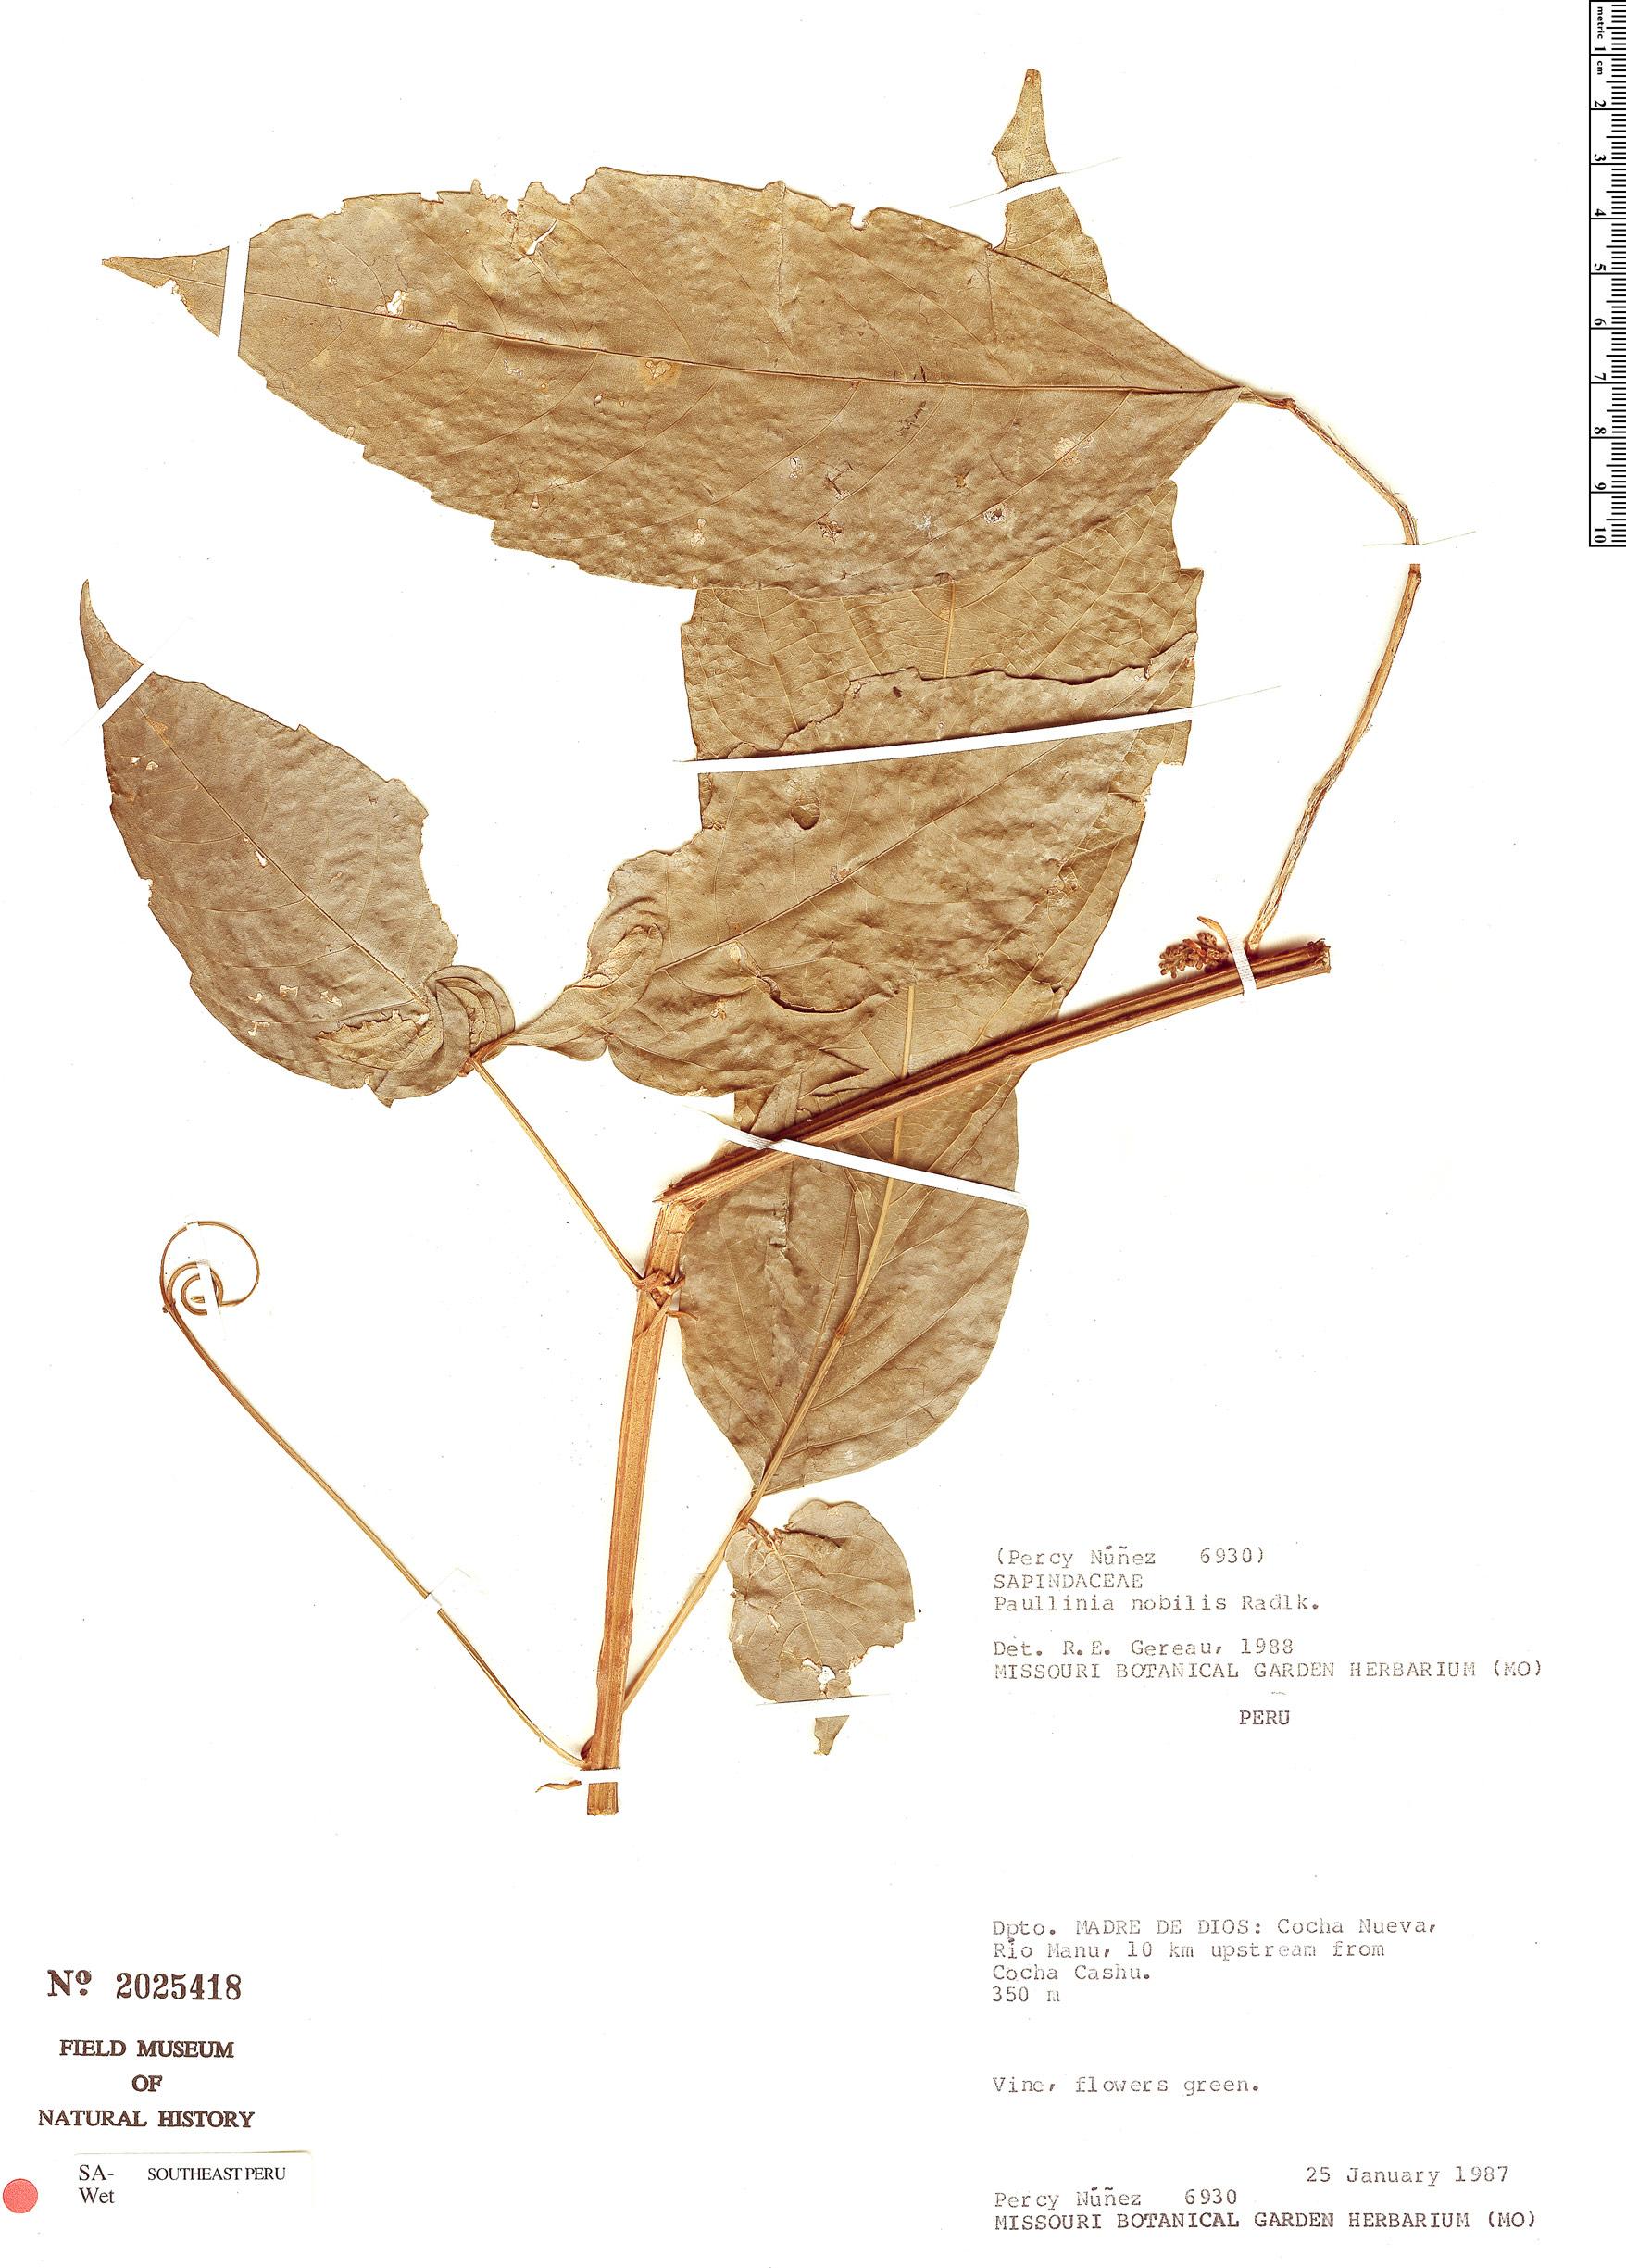 Specimen: Paullinia nobilis